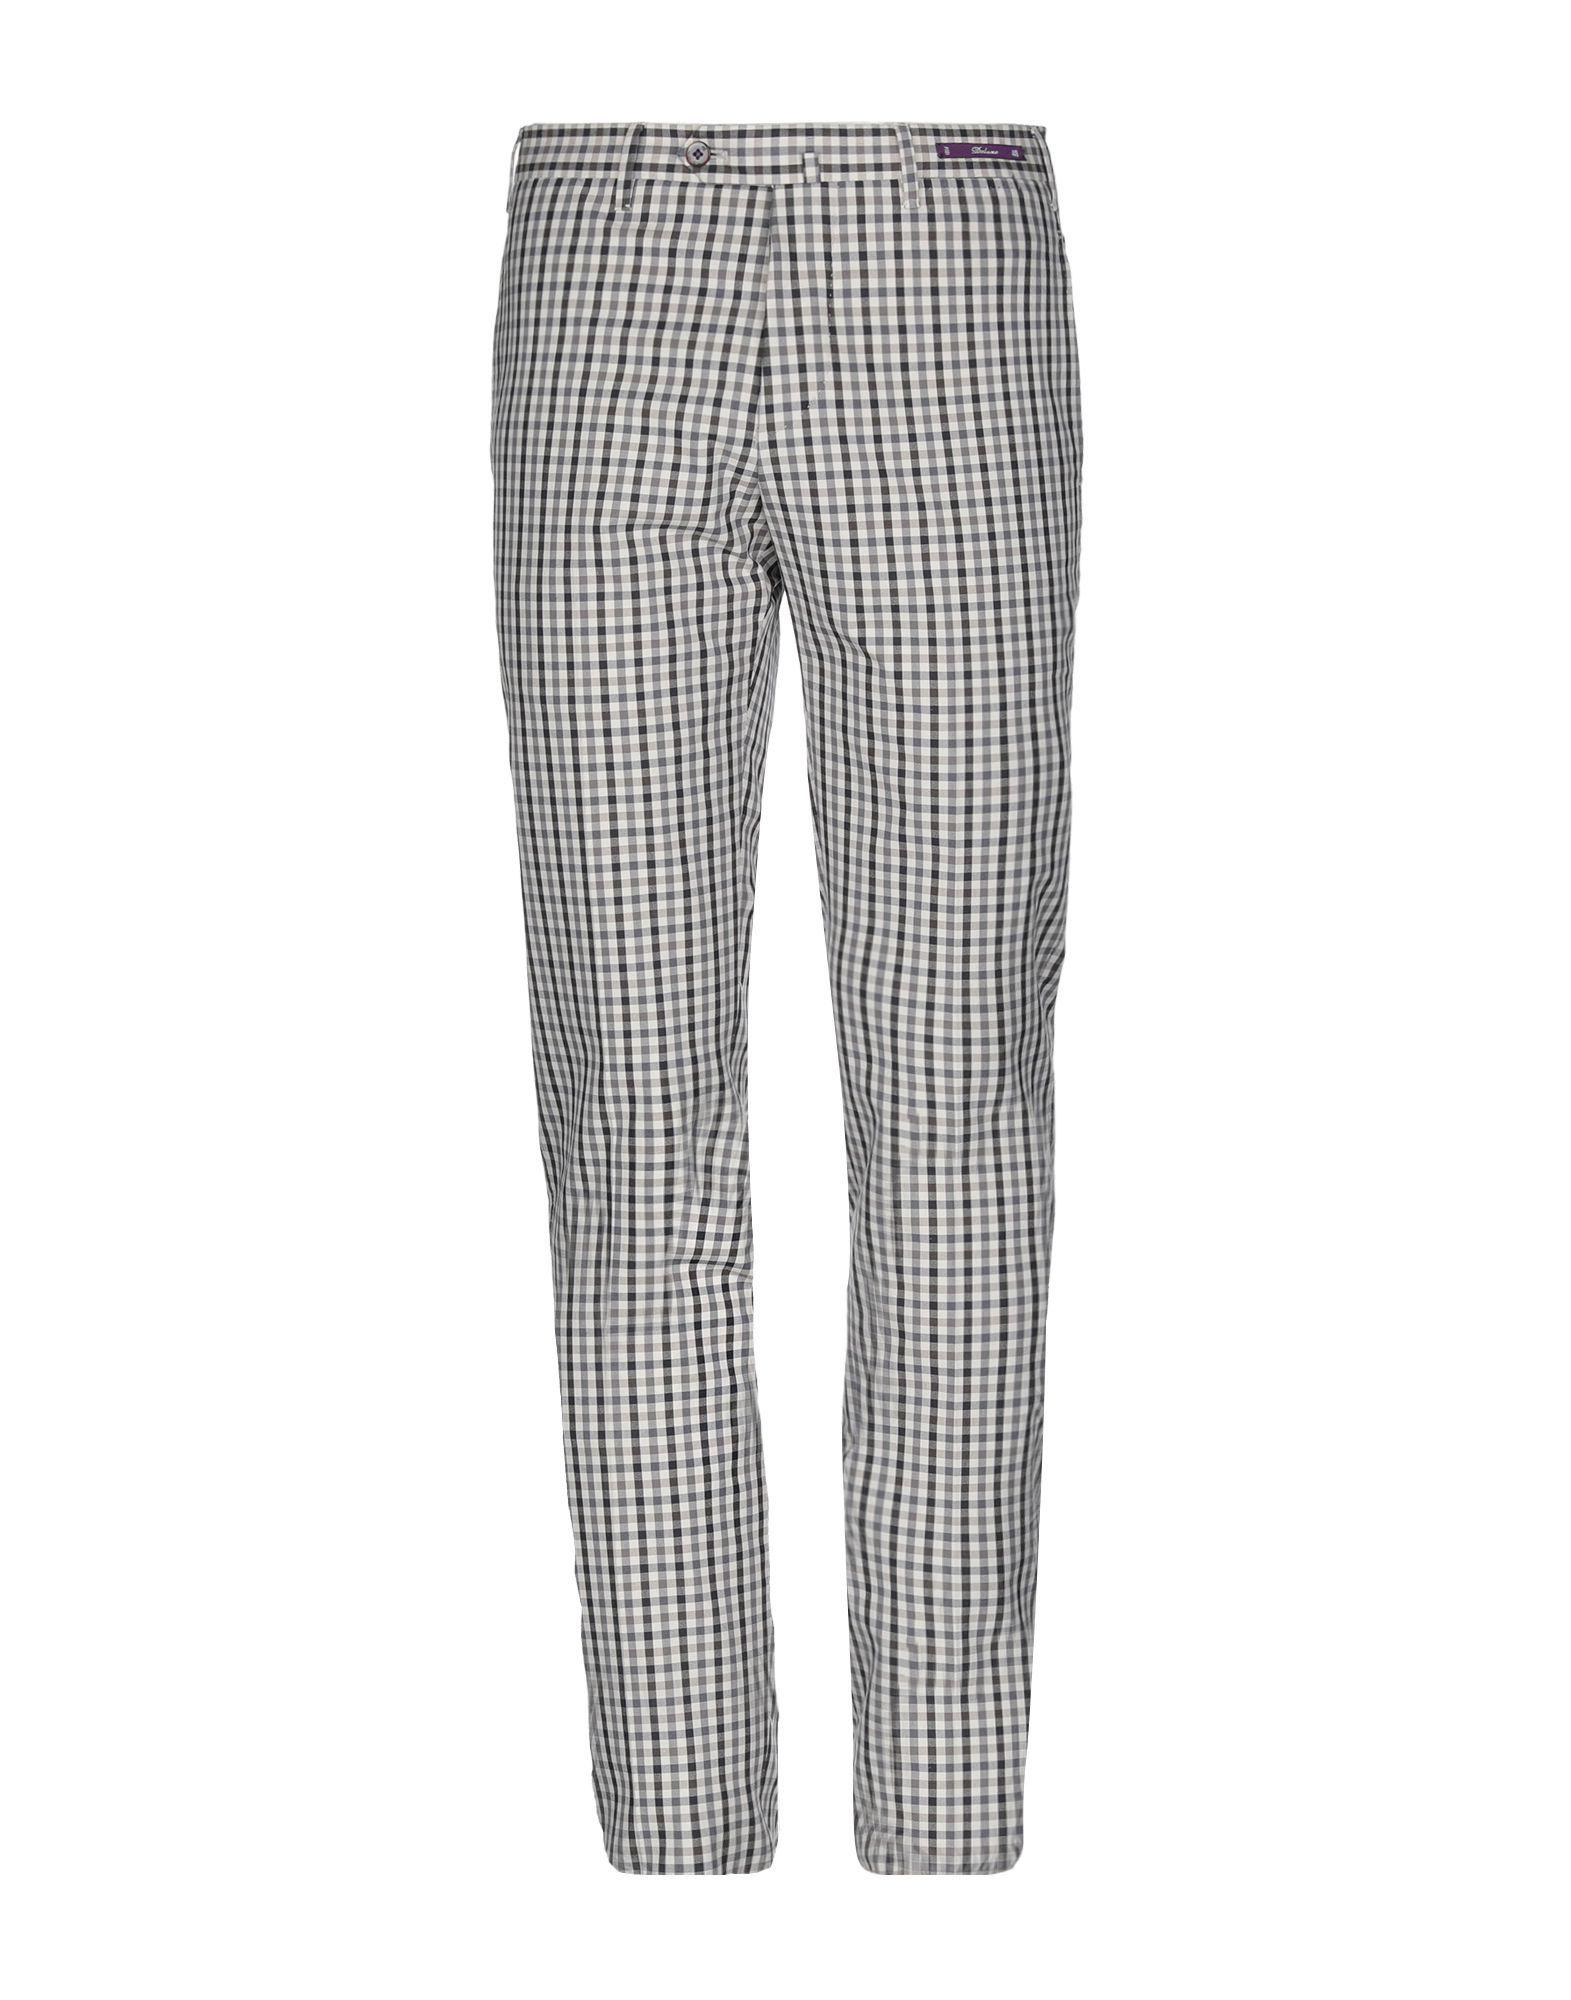 ba669dcf0d3b Polo Ralph Lauren - Slim-Fit Mélange Tapered Jersey Sweatpants ...